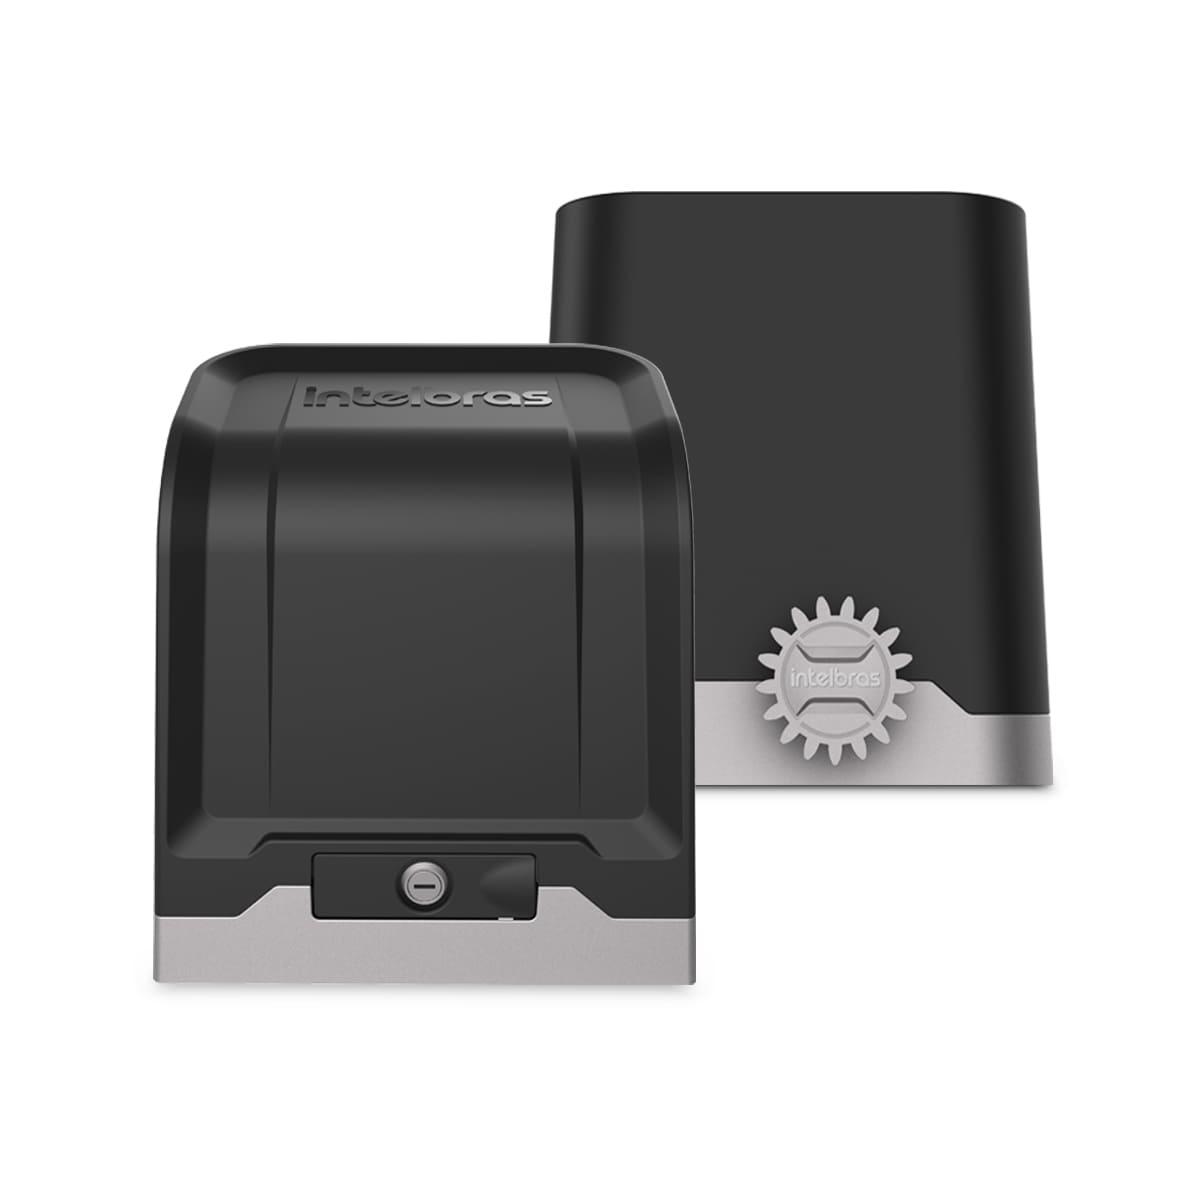 Kit Motor de Portão Eletrônico Intelbras Deslizante DR 600 Fast 1/3 Hp